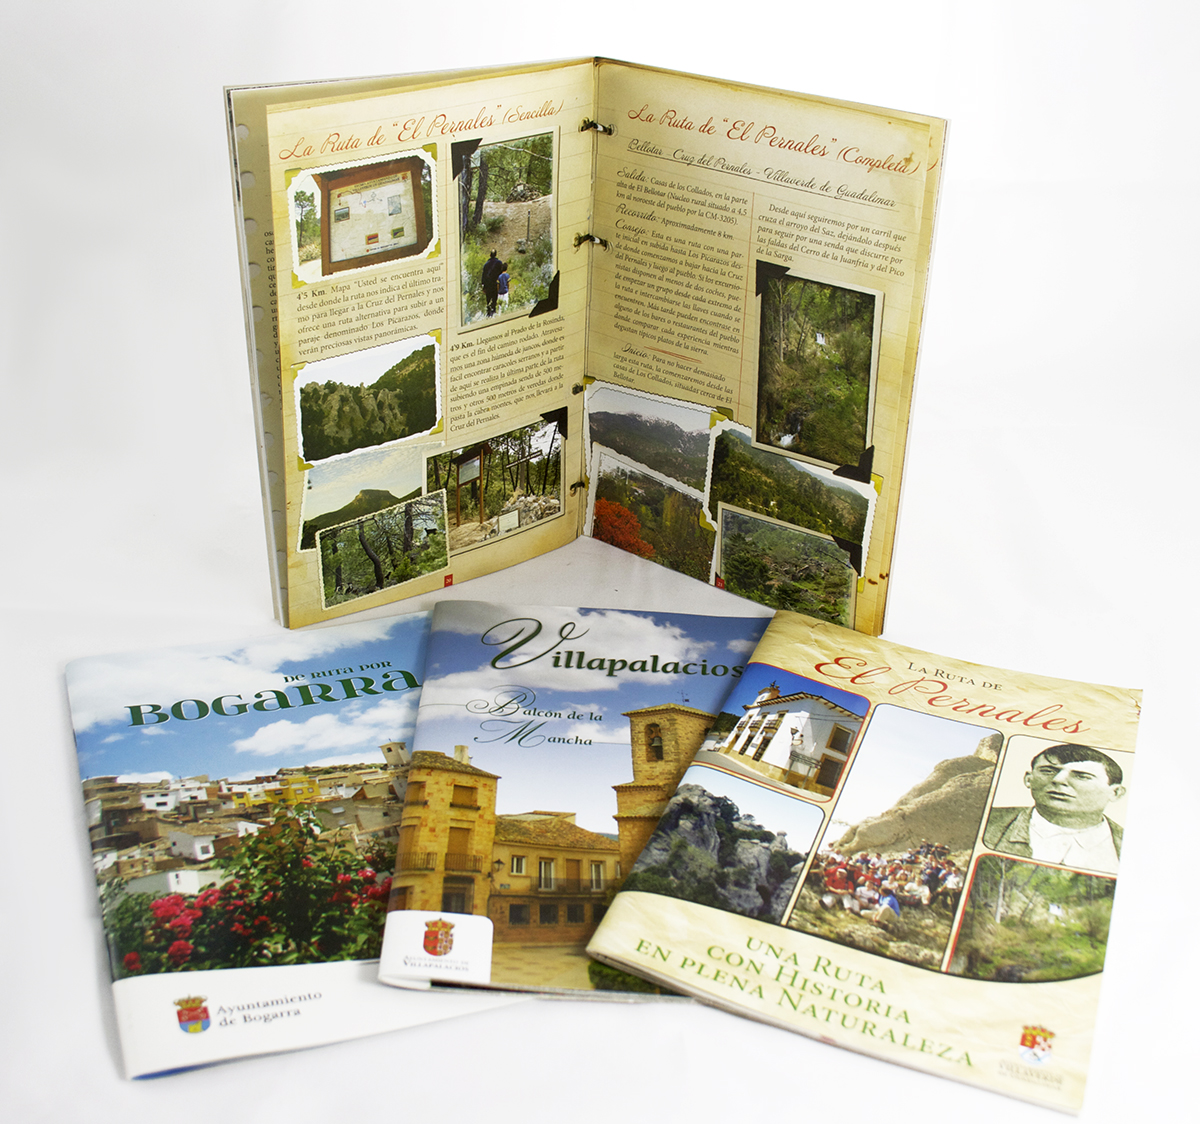 libro_pernales_villapalacios_bogarra_bj